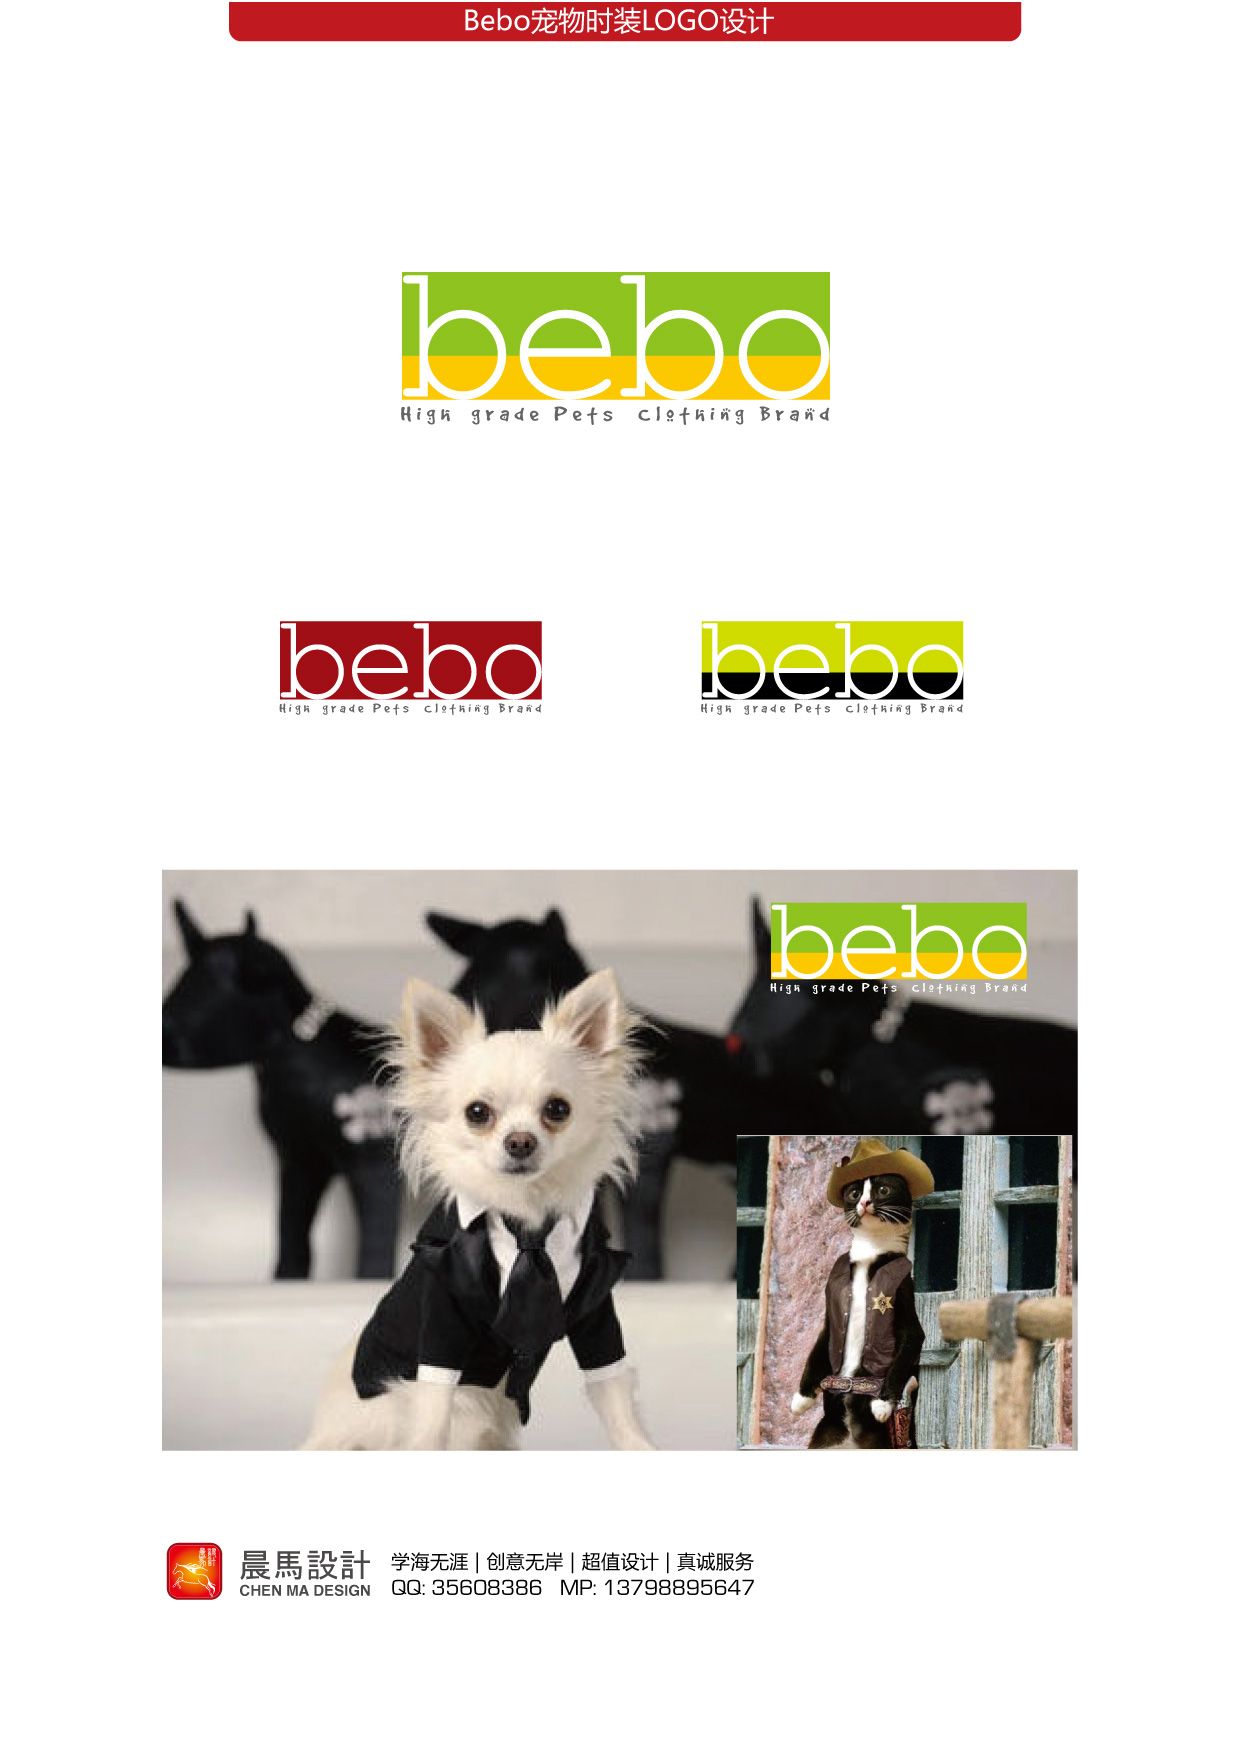 Bebo宠物时装LOGO设计 Bebo 公司主要经营高档宠物服装品牌。 设计要求: 1.LOGO包含Bebo这四个字母,其他元素可自由发挥; 2.色彩的和谐搭配,凸显时装的时尚美,示人高档精致的视觉感受; 3.LOGO设计要大气,避免过于童趣化,且不能有歧义或不好的联想; 4.请所有交稿者注明设计思路或对标志的释义; 5.